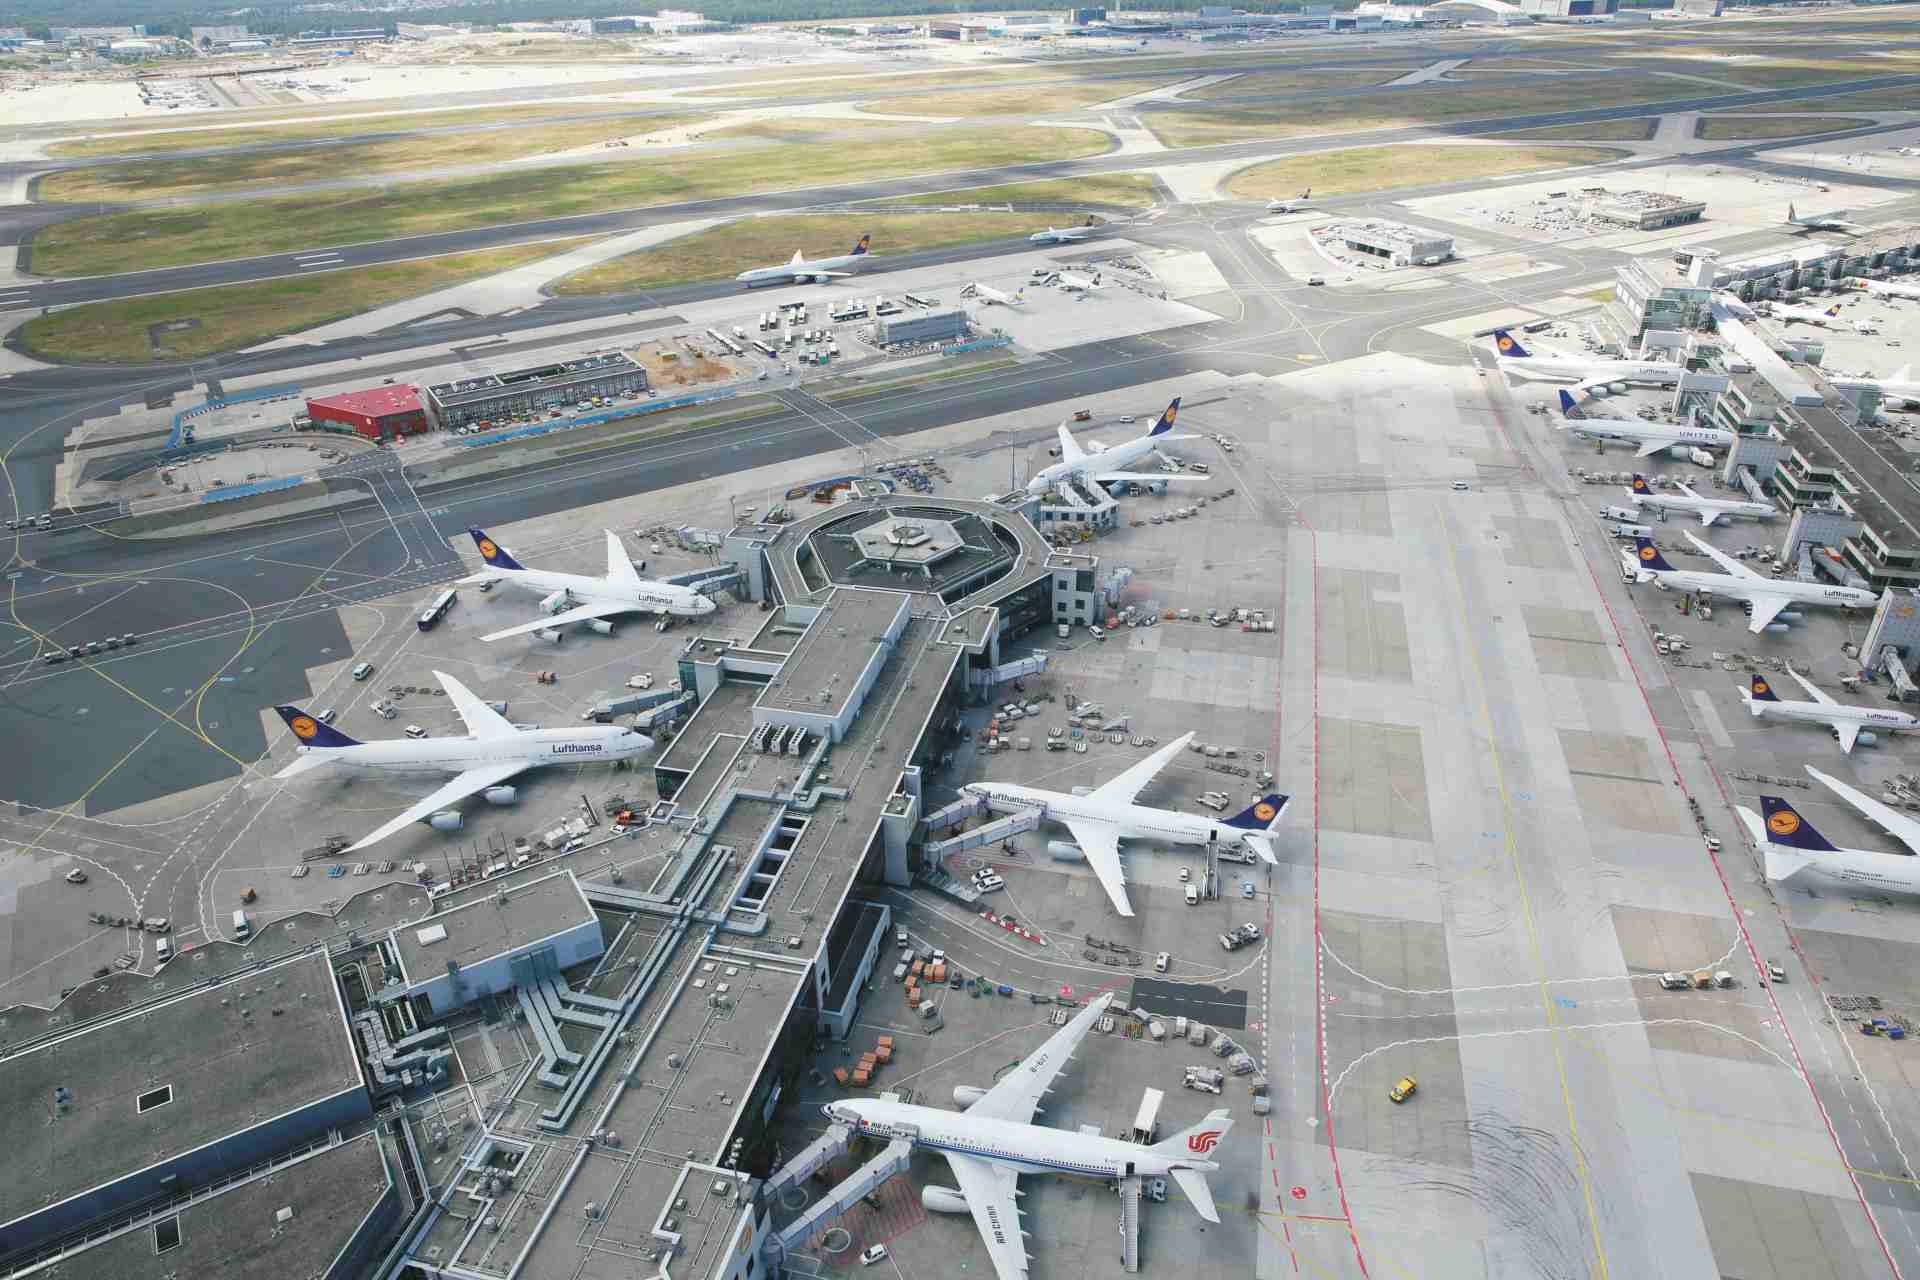 Flughafen Frankfurt A und B Finger aus der Vogelperspektive